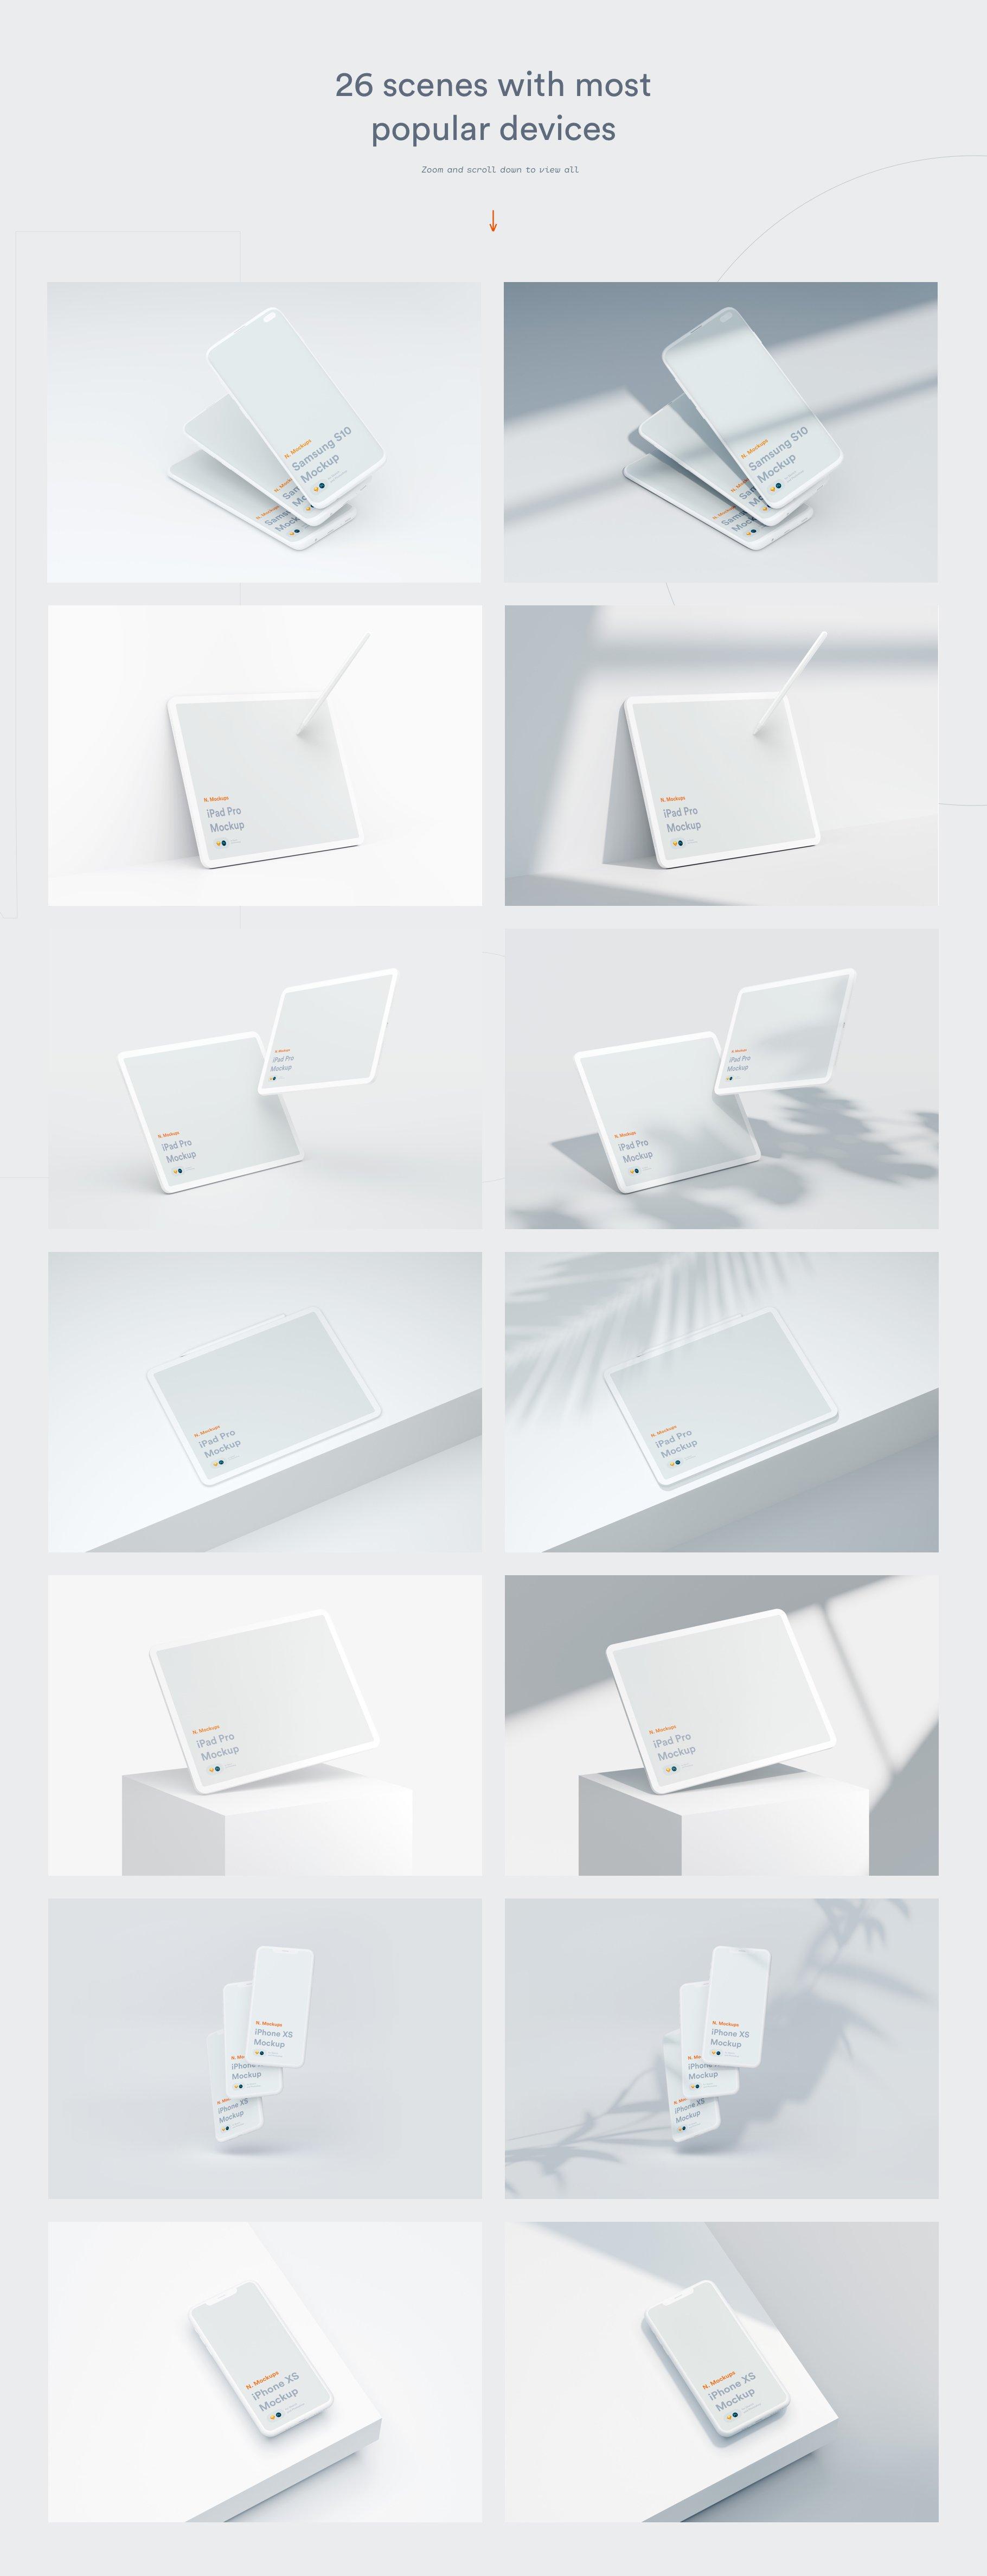 [单独购买] 超大网站APP设计陶瓷苹果设备屏幕演示样机模板素材套装 N.Mockups插图4